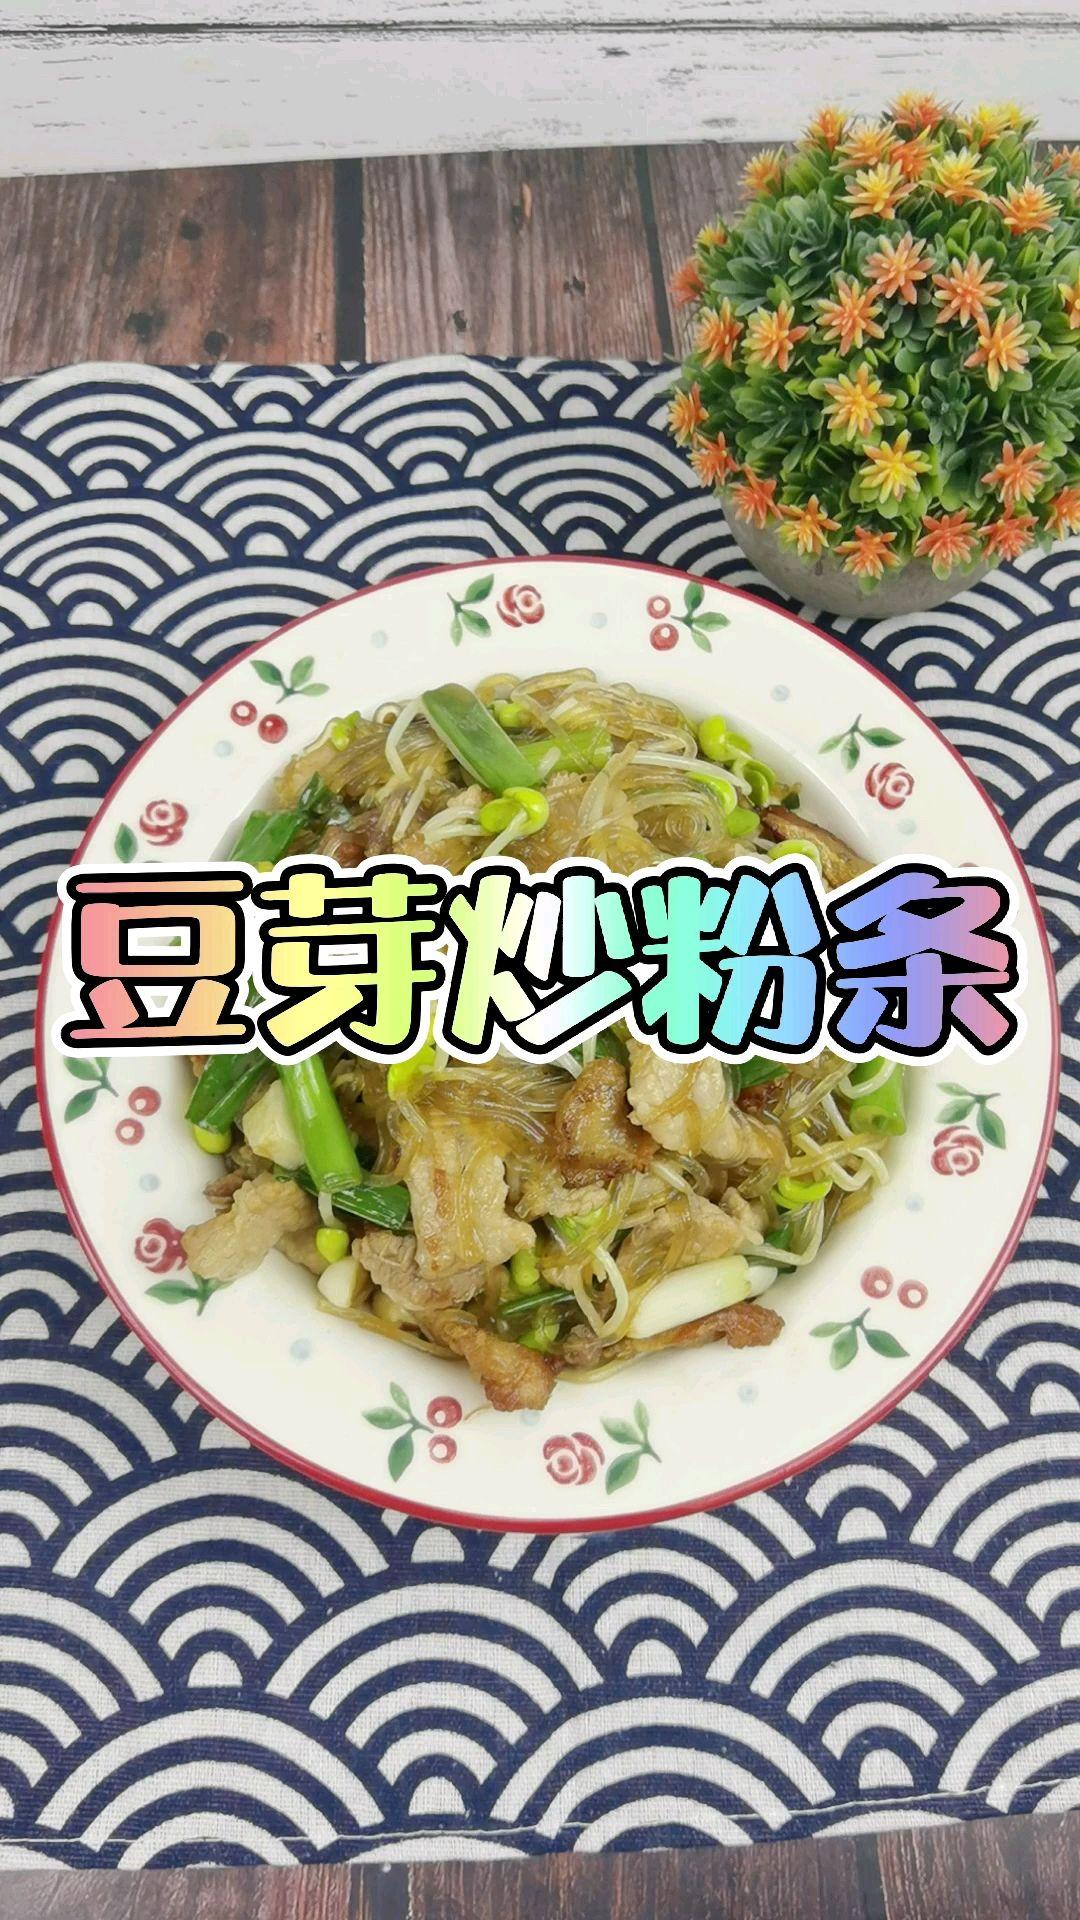 豆芽粉条这样做最好吃,不坨不沾锅,既当主食又当菜,几元成本一大盘